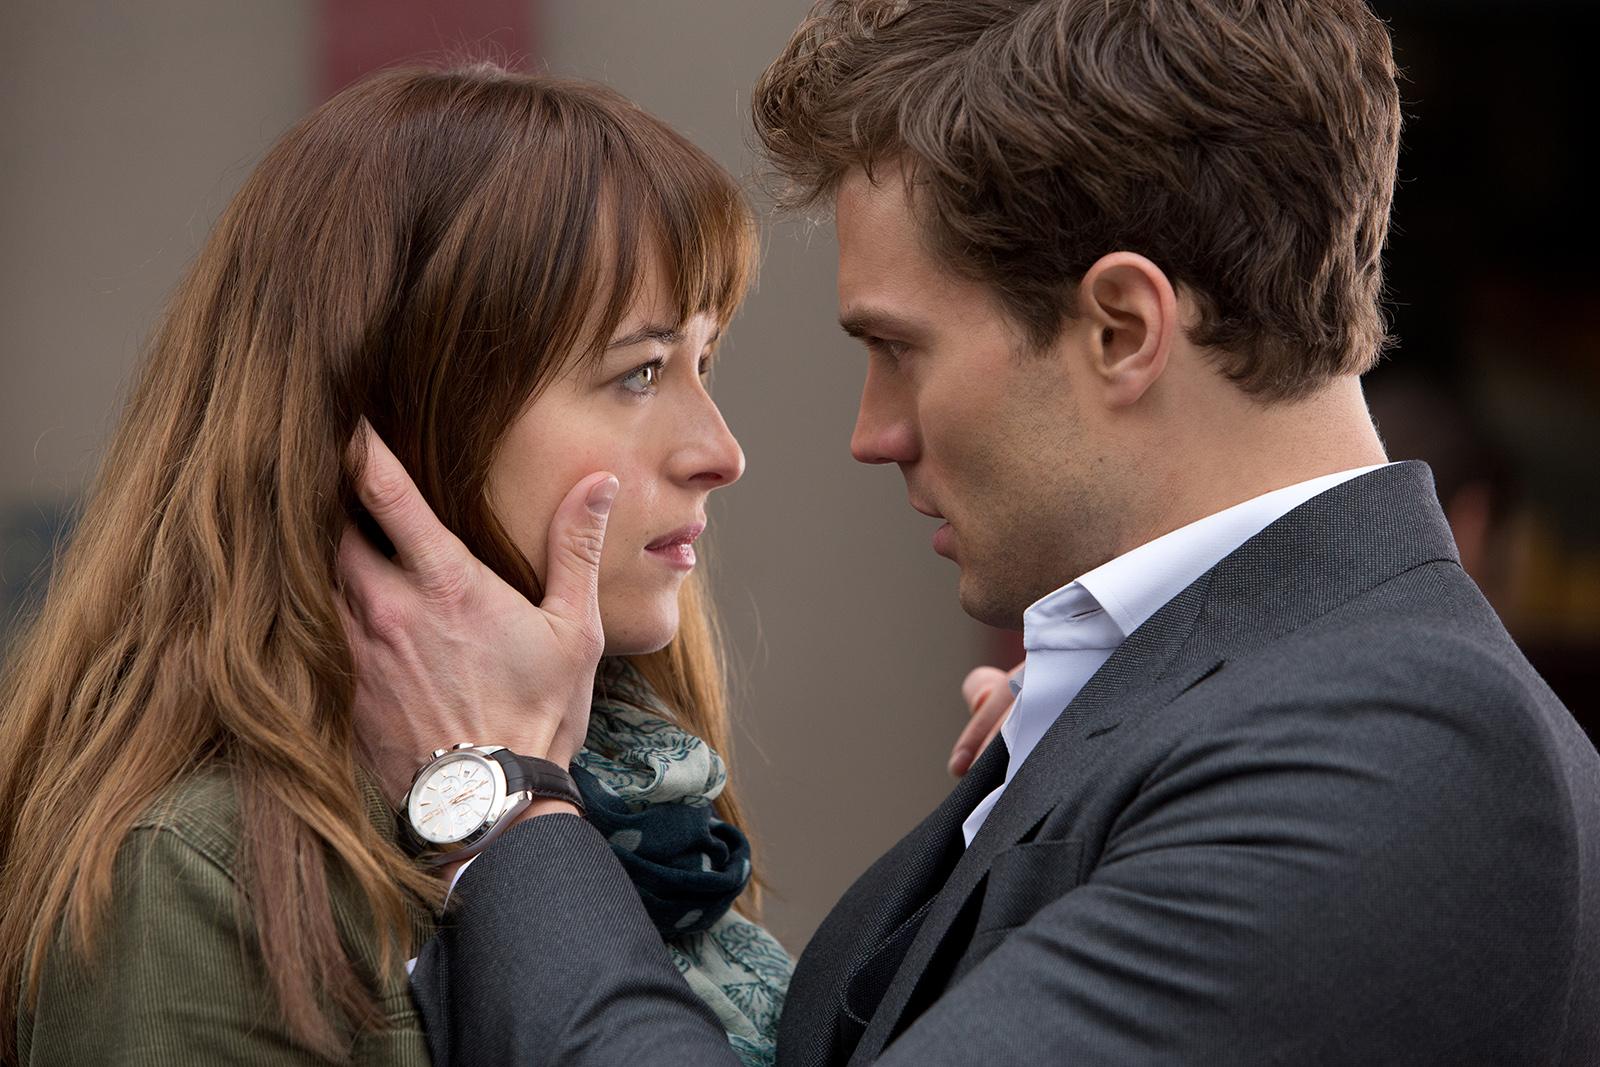 """Kino-Überraschung: """"Fifty Shades of Grey"""" kommt wieder auf die große Leinwand!"""